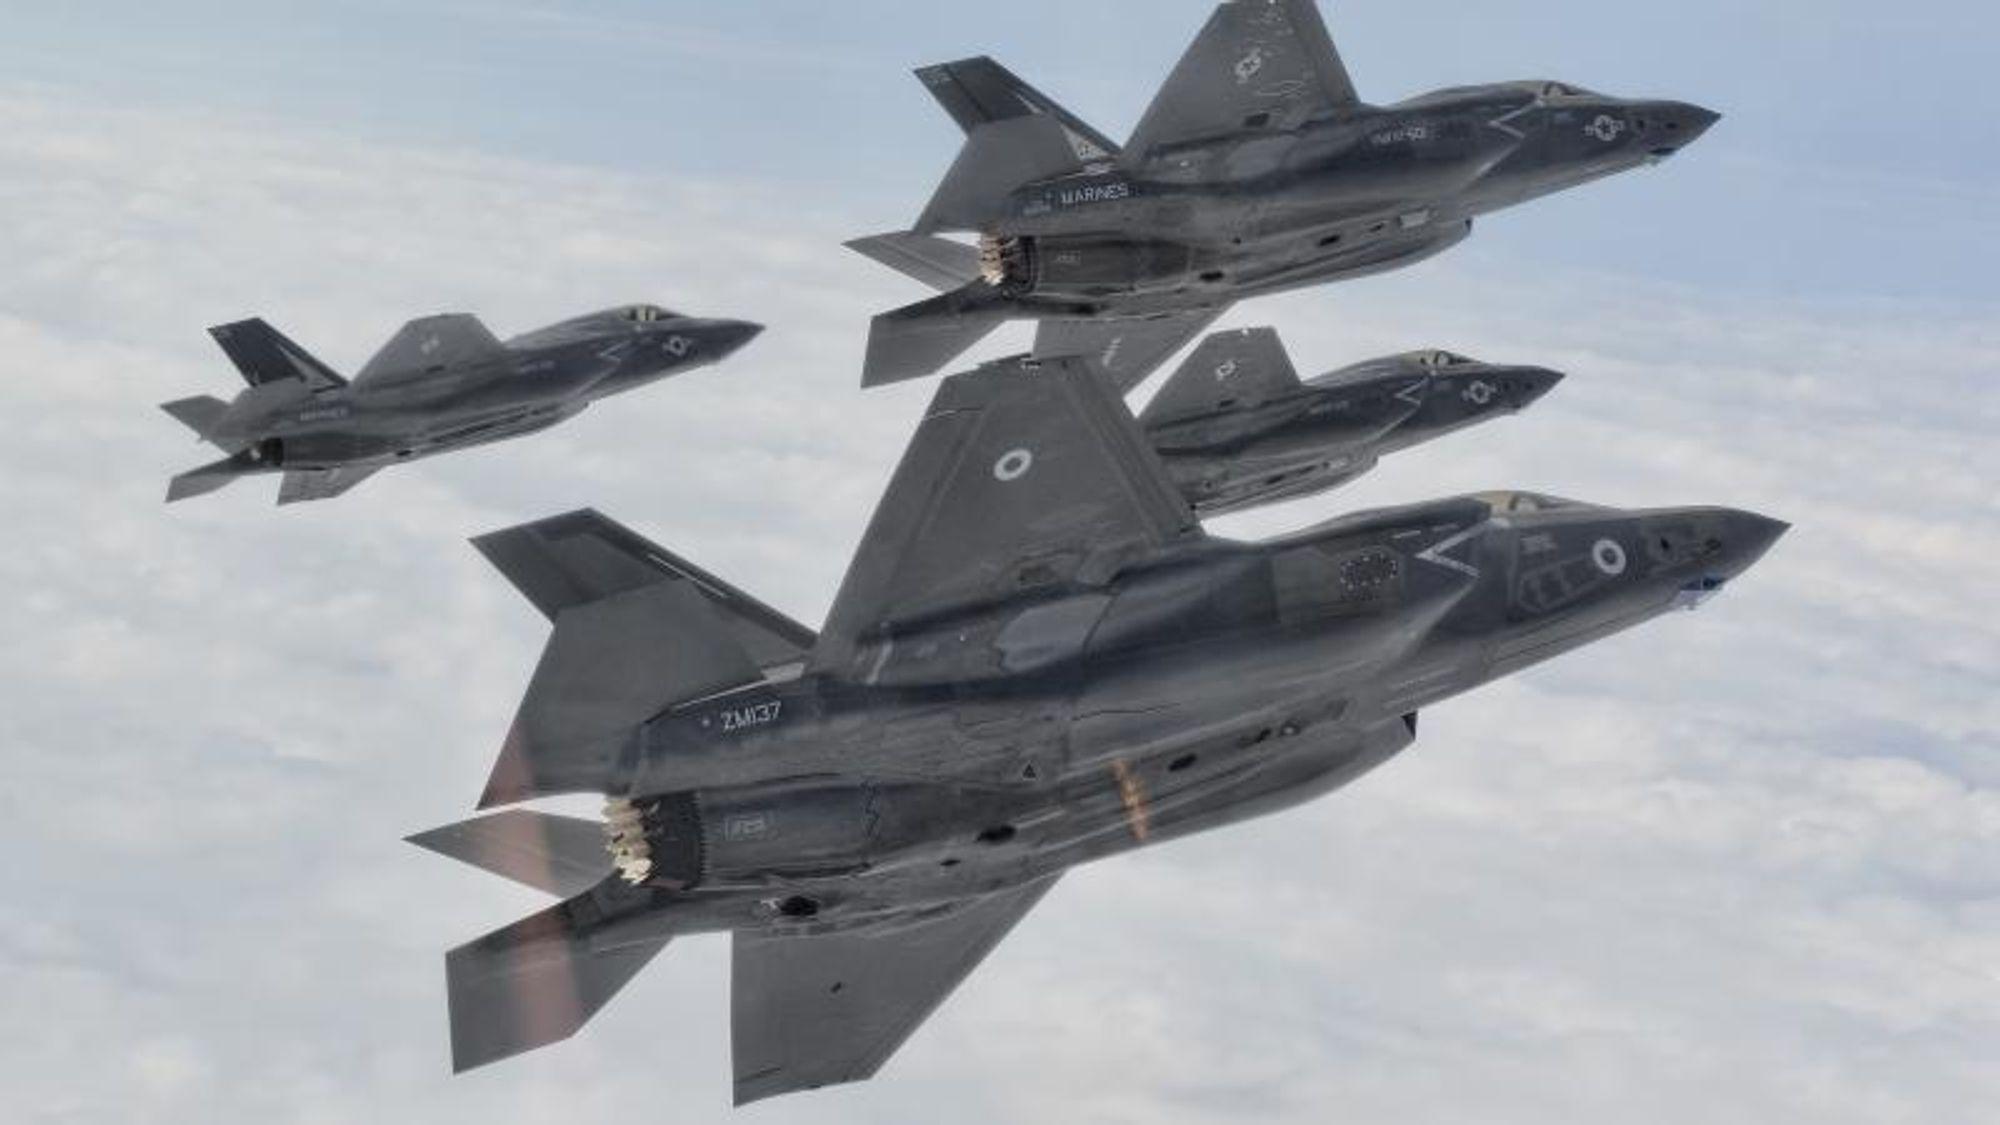 En regnefeil gjør at flere må få kompensasjon etter etablering av F-35-base i Danmark.